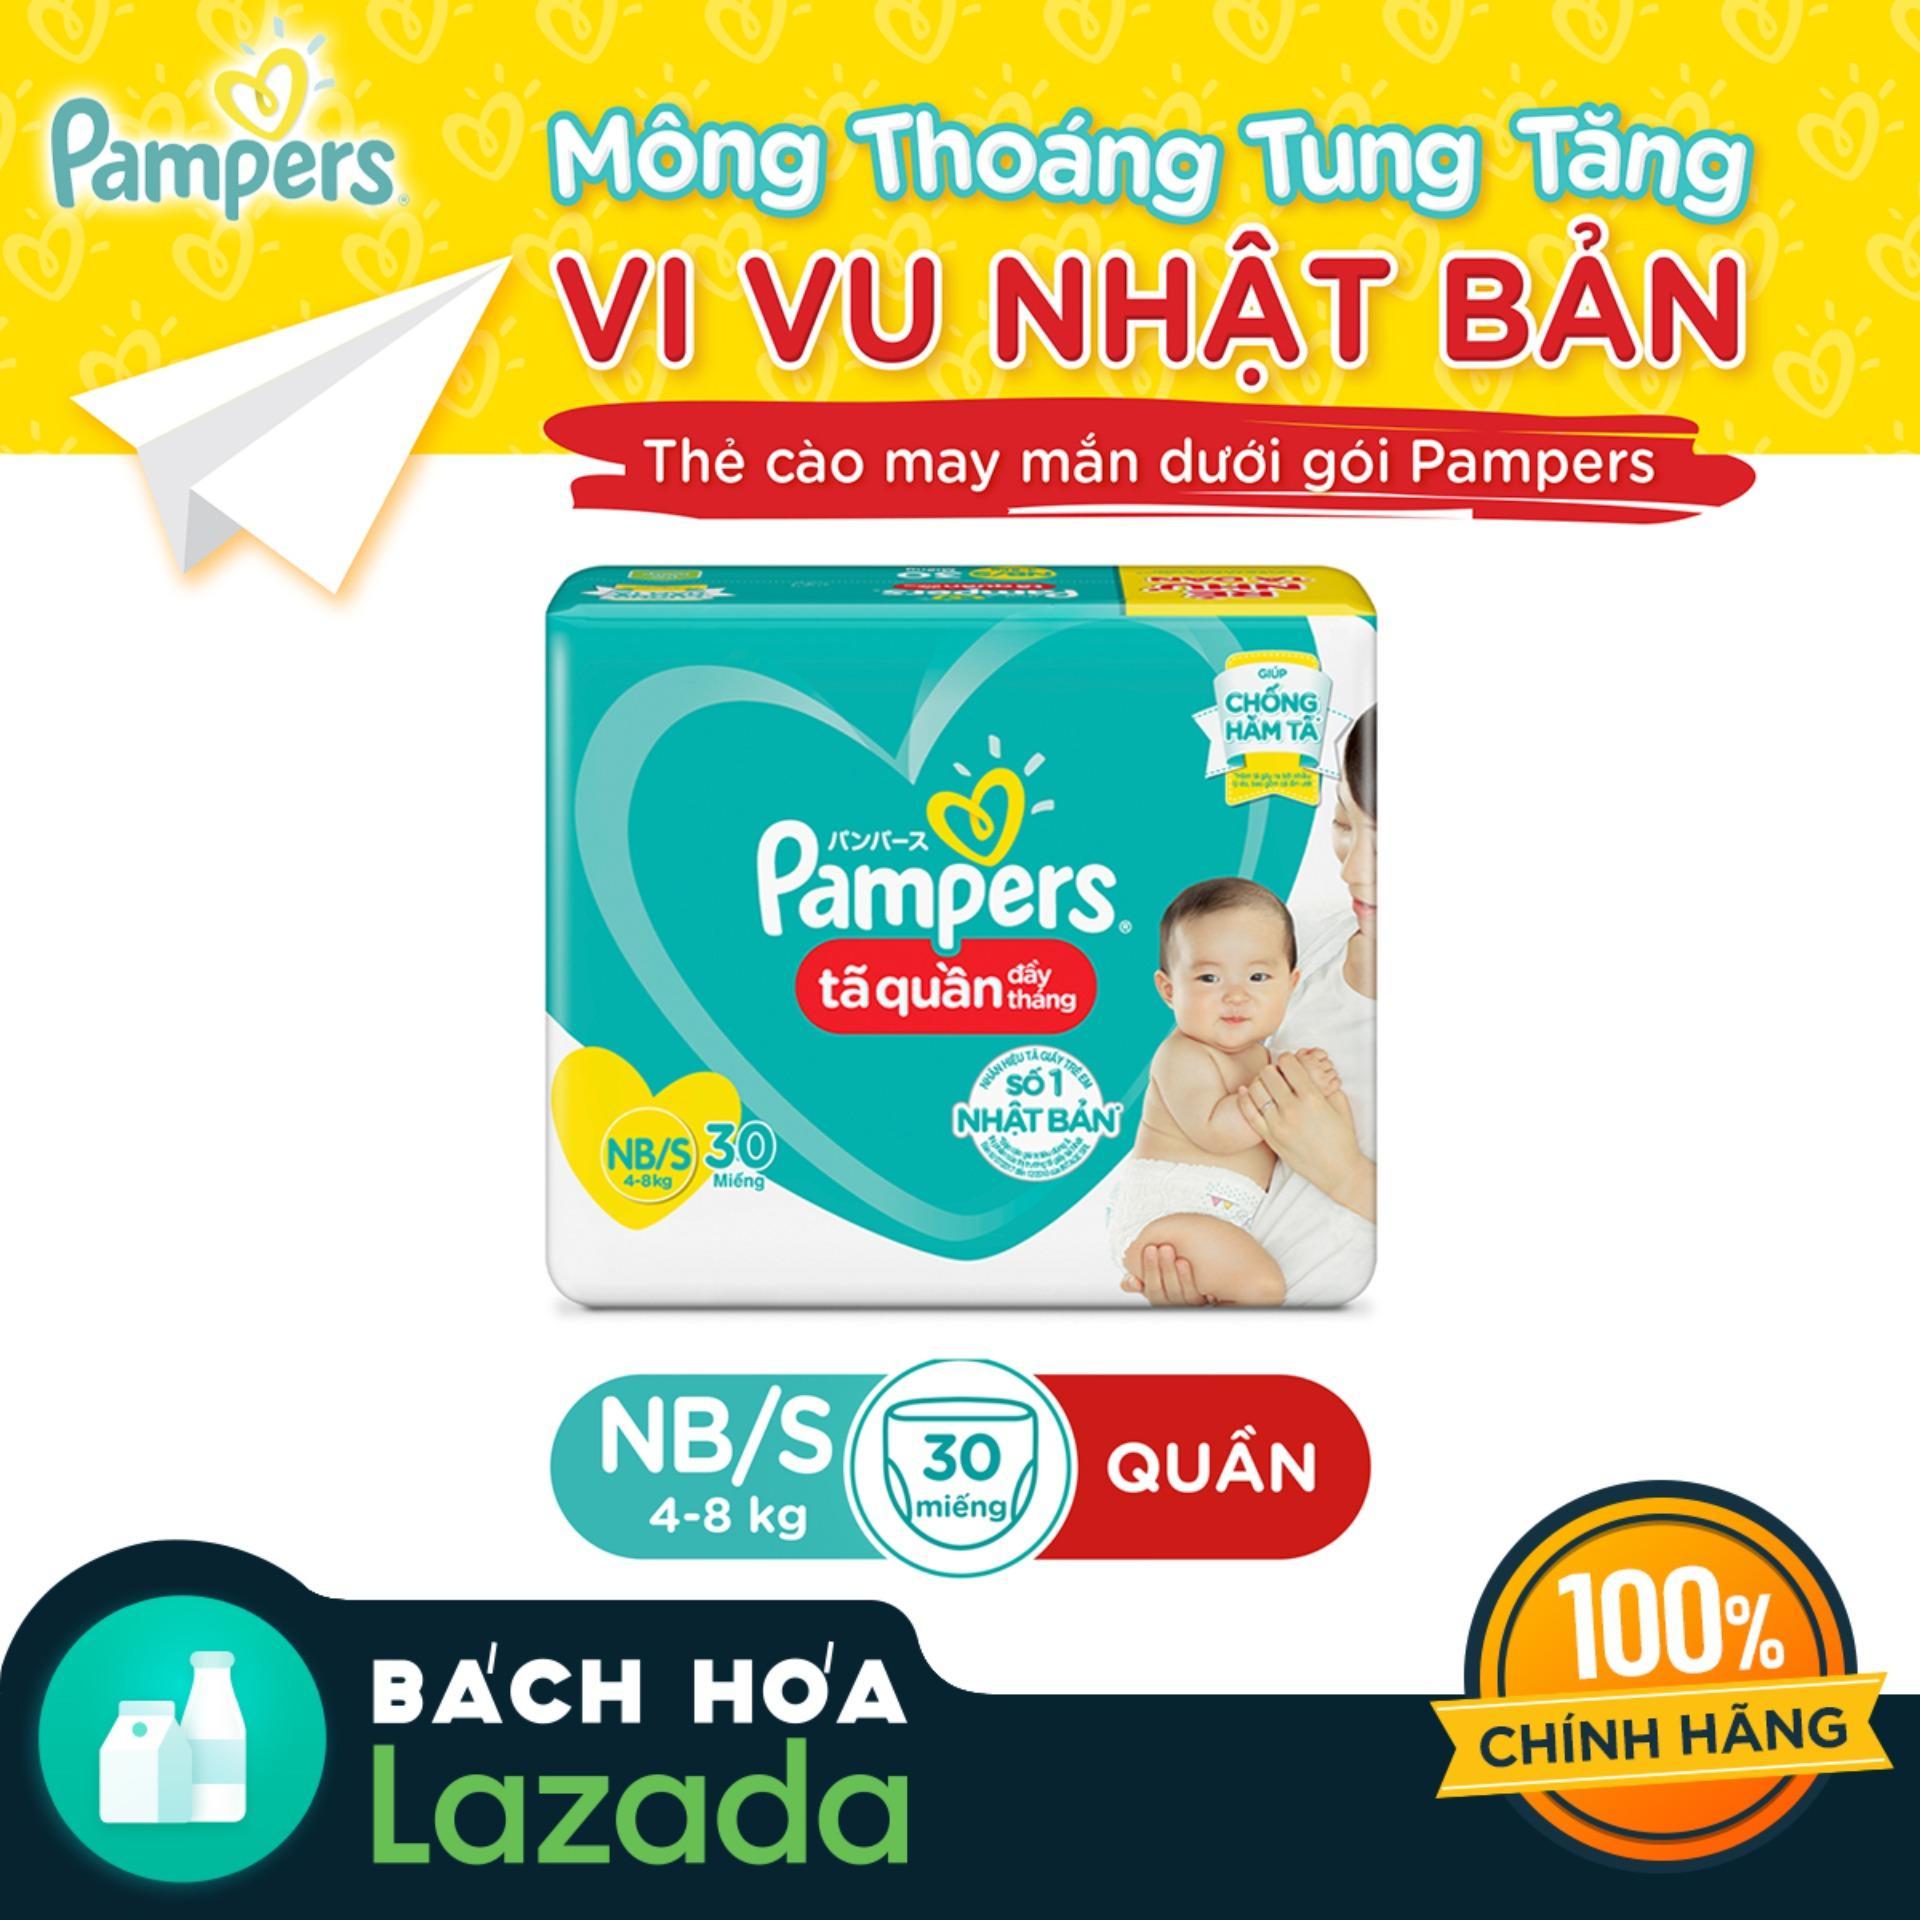 Tã Quần Pampers Đầy Tháng Mới Gói Trung Bình NB/S30...